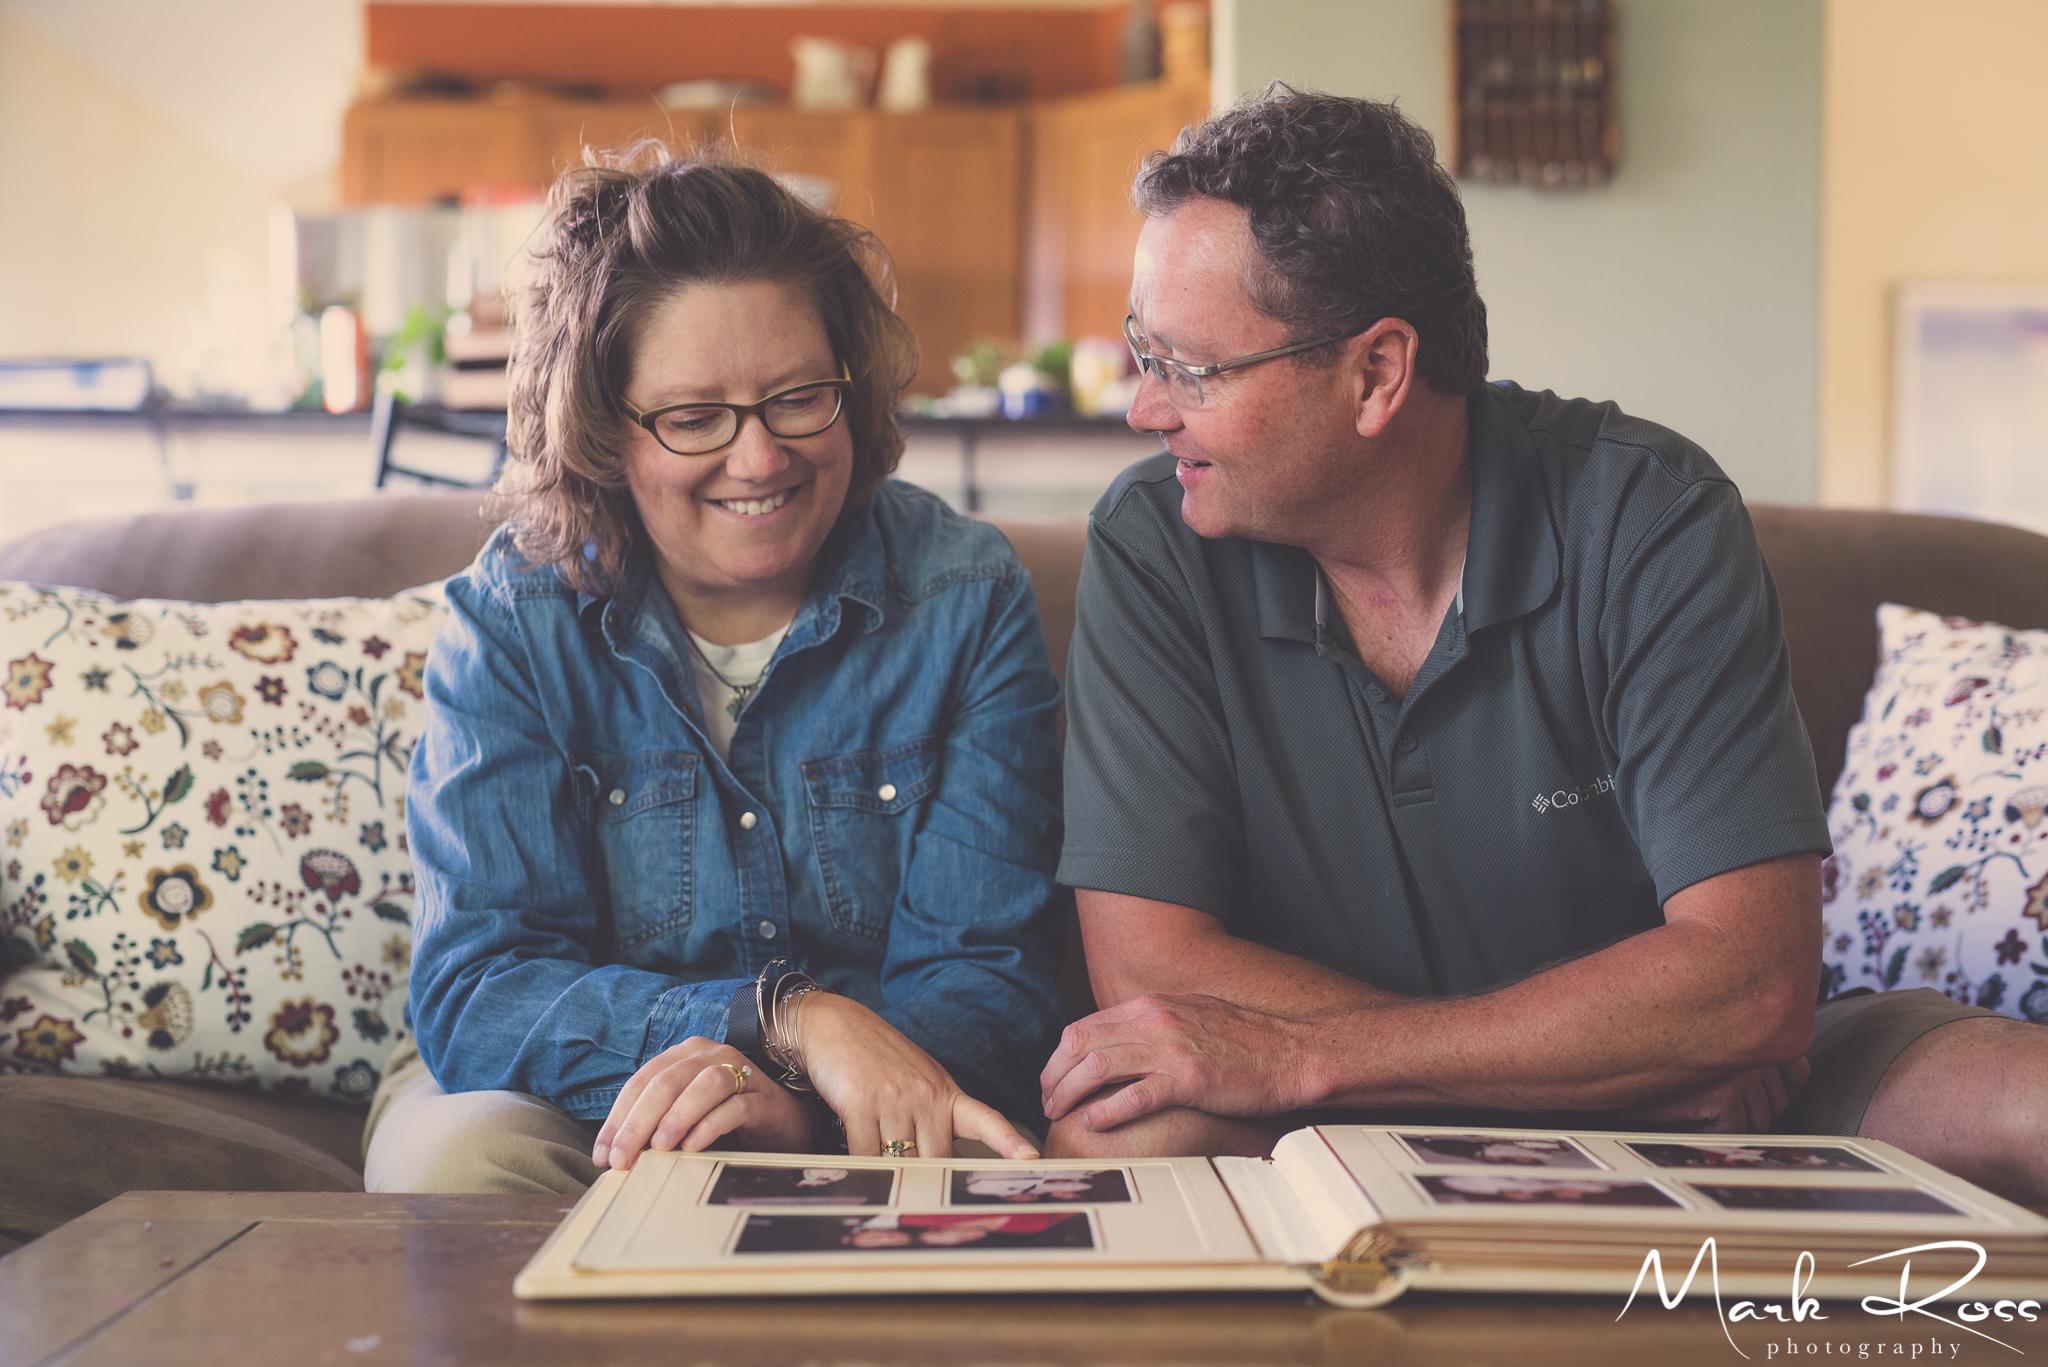 Denver-Family-Photographer-Mark-Ross-Photographer-Ahlstrand-Family-Watermarked-37.jpg